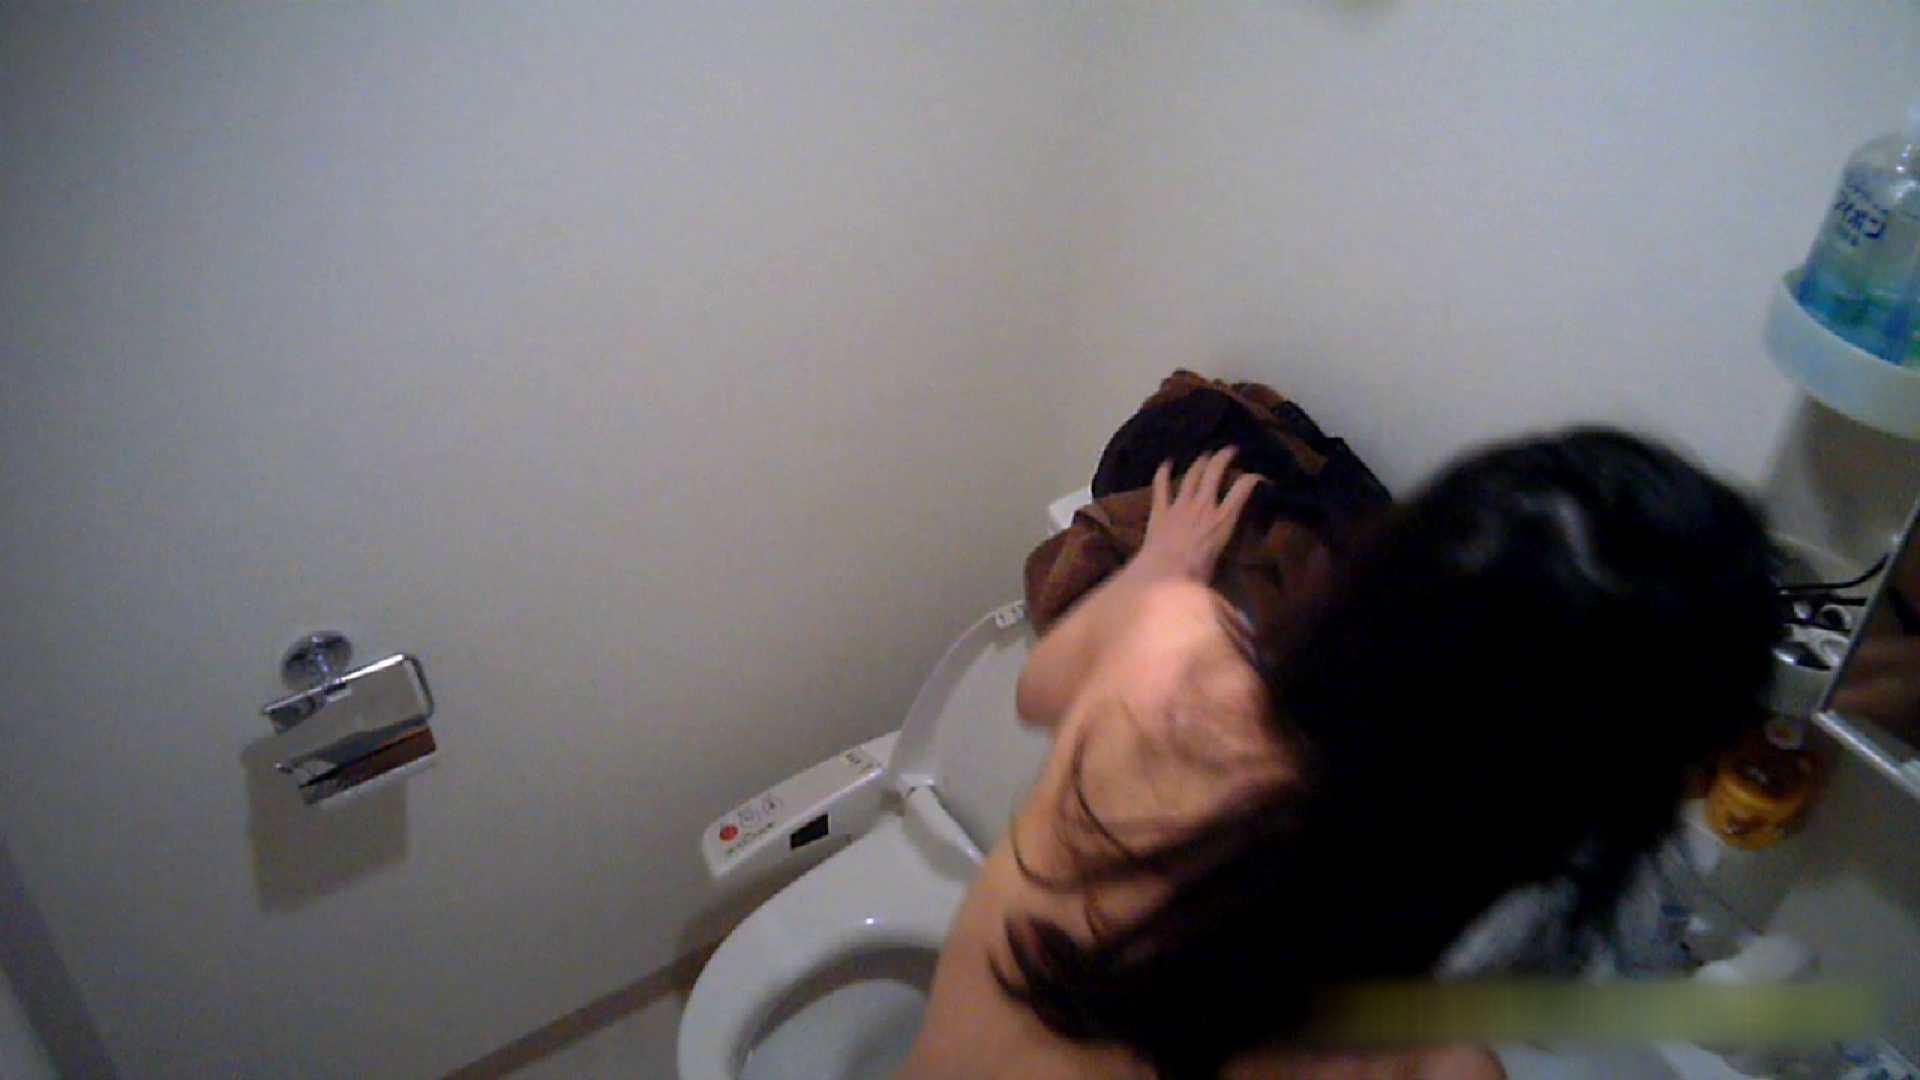 清楚な顔してかなり敏感なE子25歳(仮名)Vol.05 裸でトイレ編 シャワー室 スケベ動画紹介 105画像 75